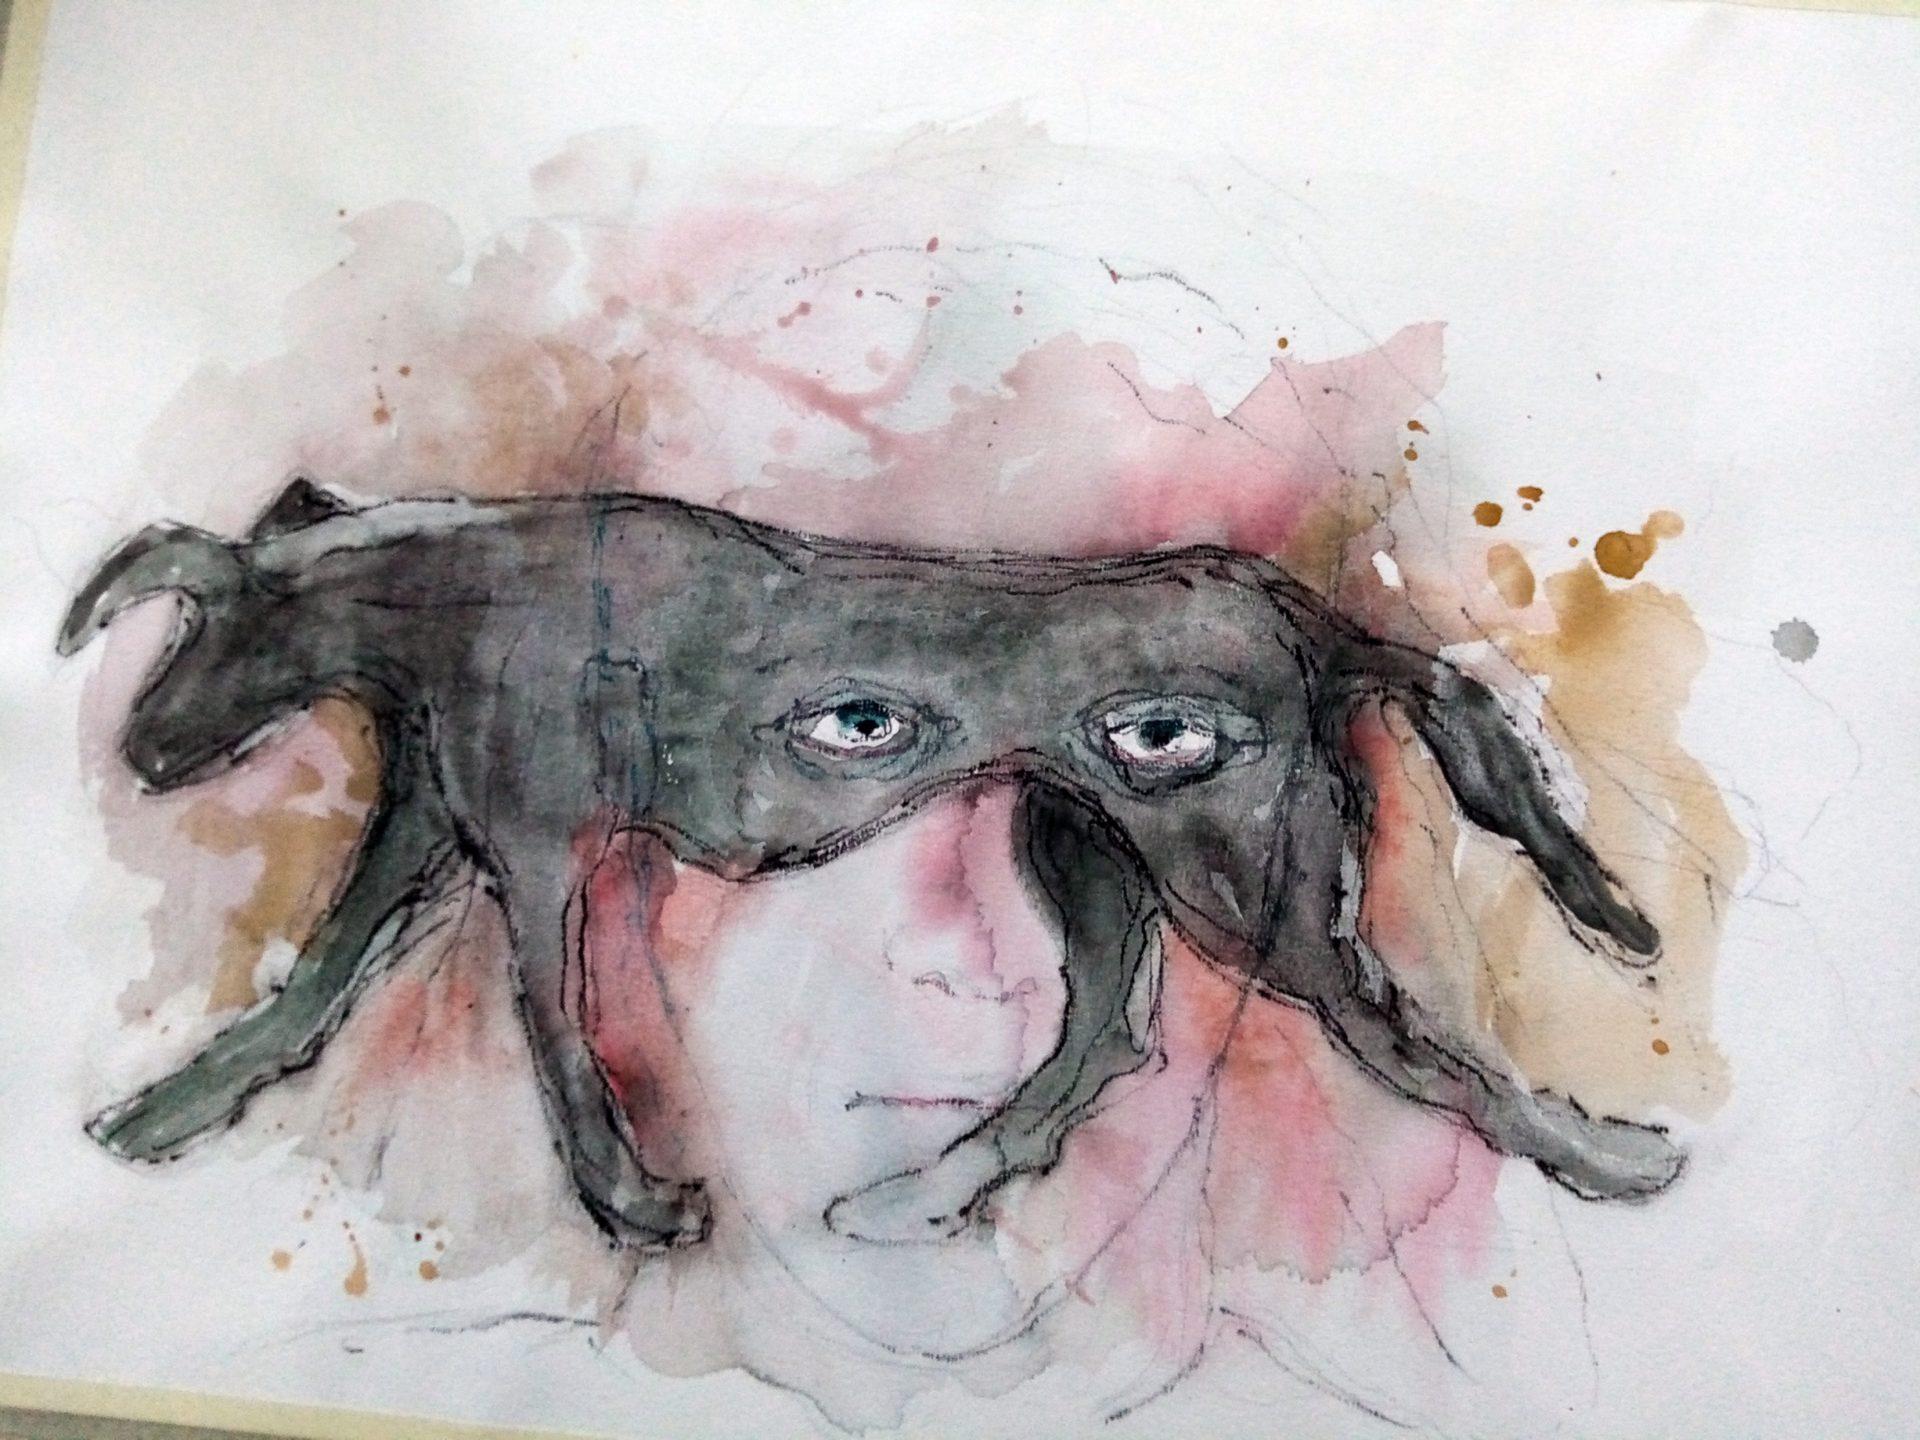 Maalauksessa on koiran hahmo, jonka läpi tuijottavat ihmisen silmät.